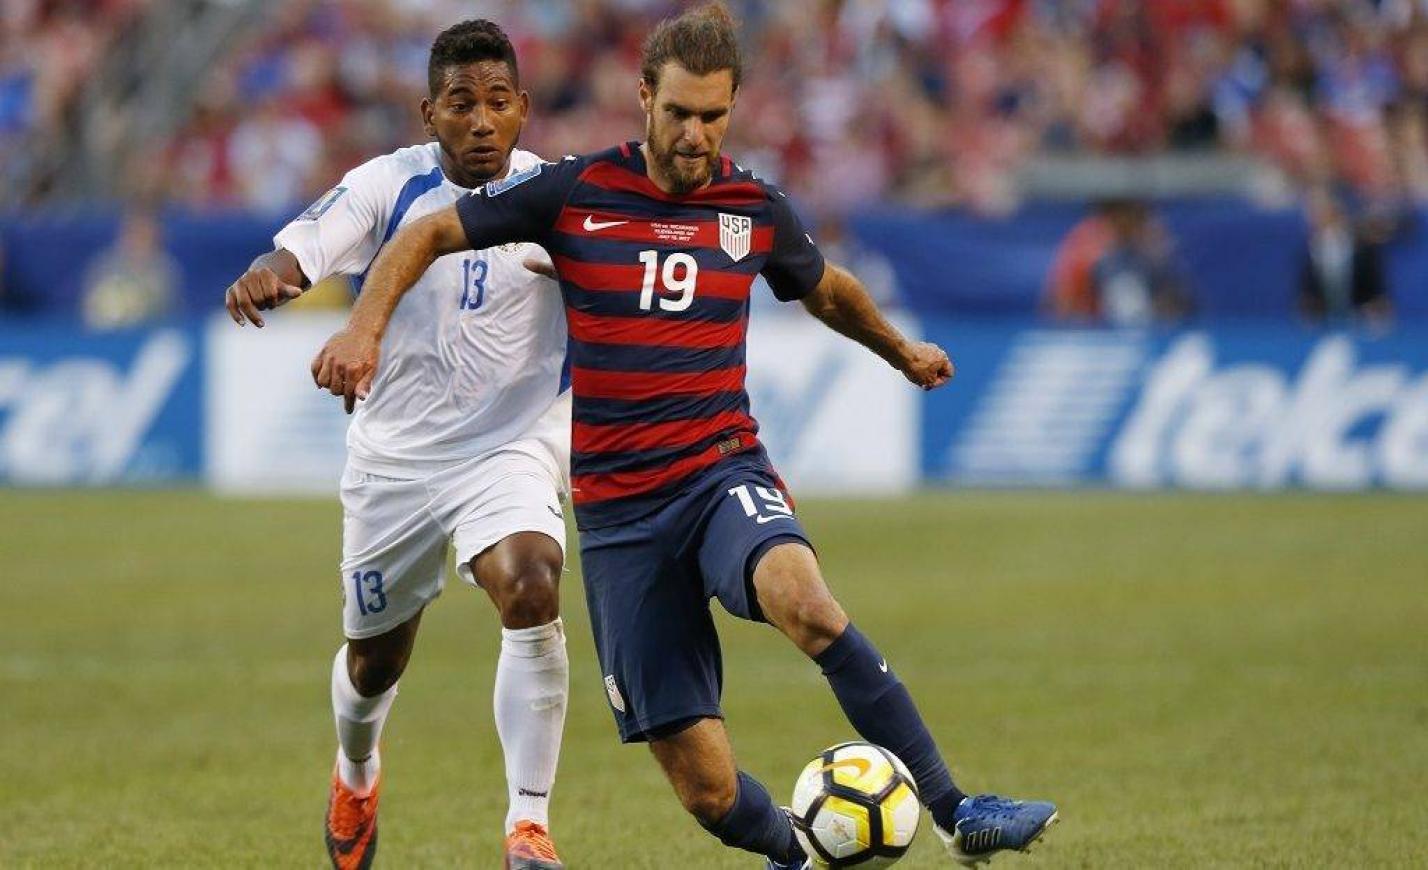 Arany-kupa: nyert és csoportelső az Amerikai Egyesül Államok csapata